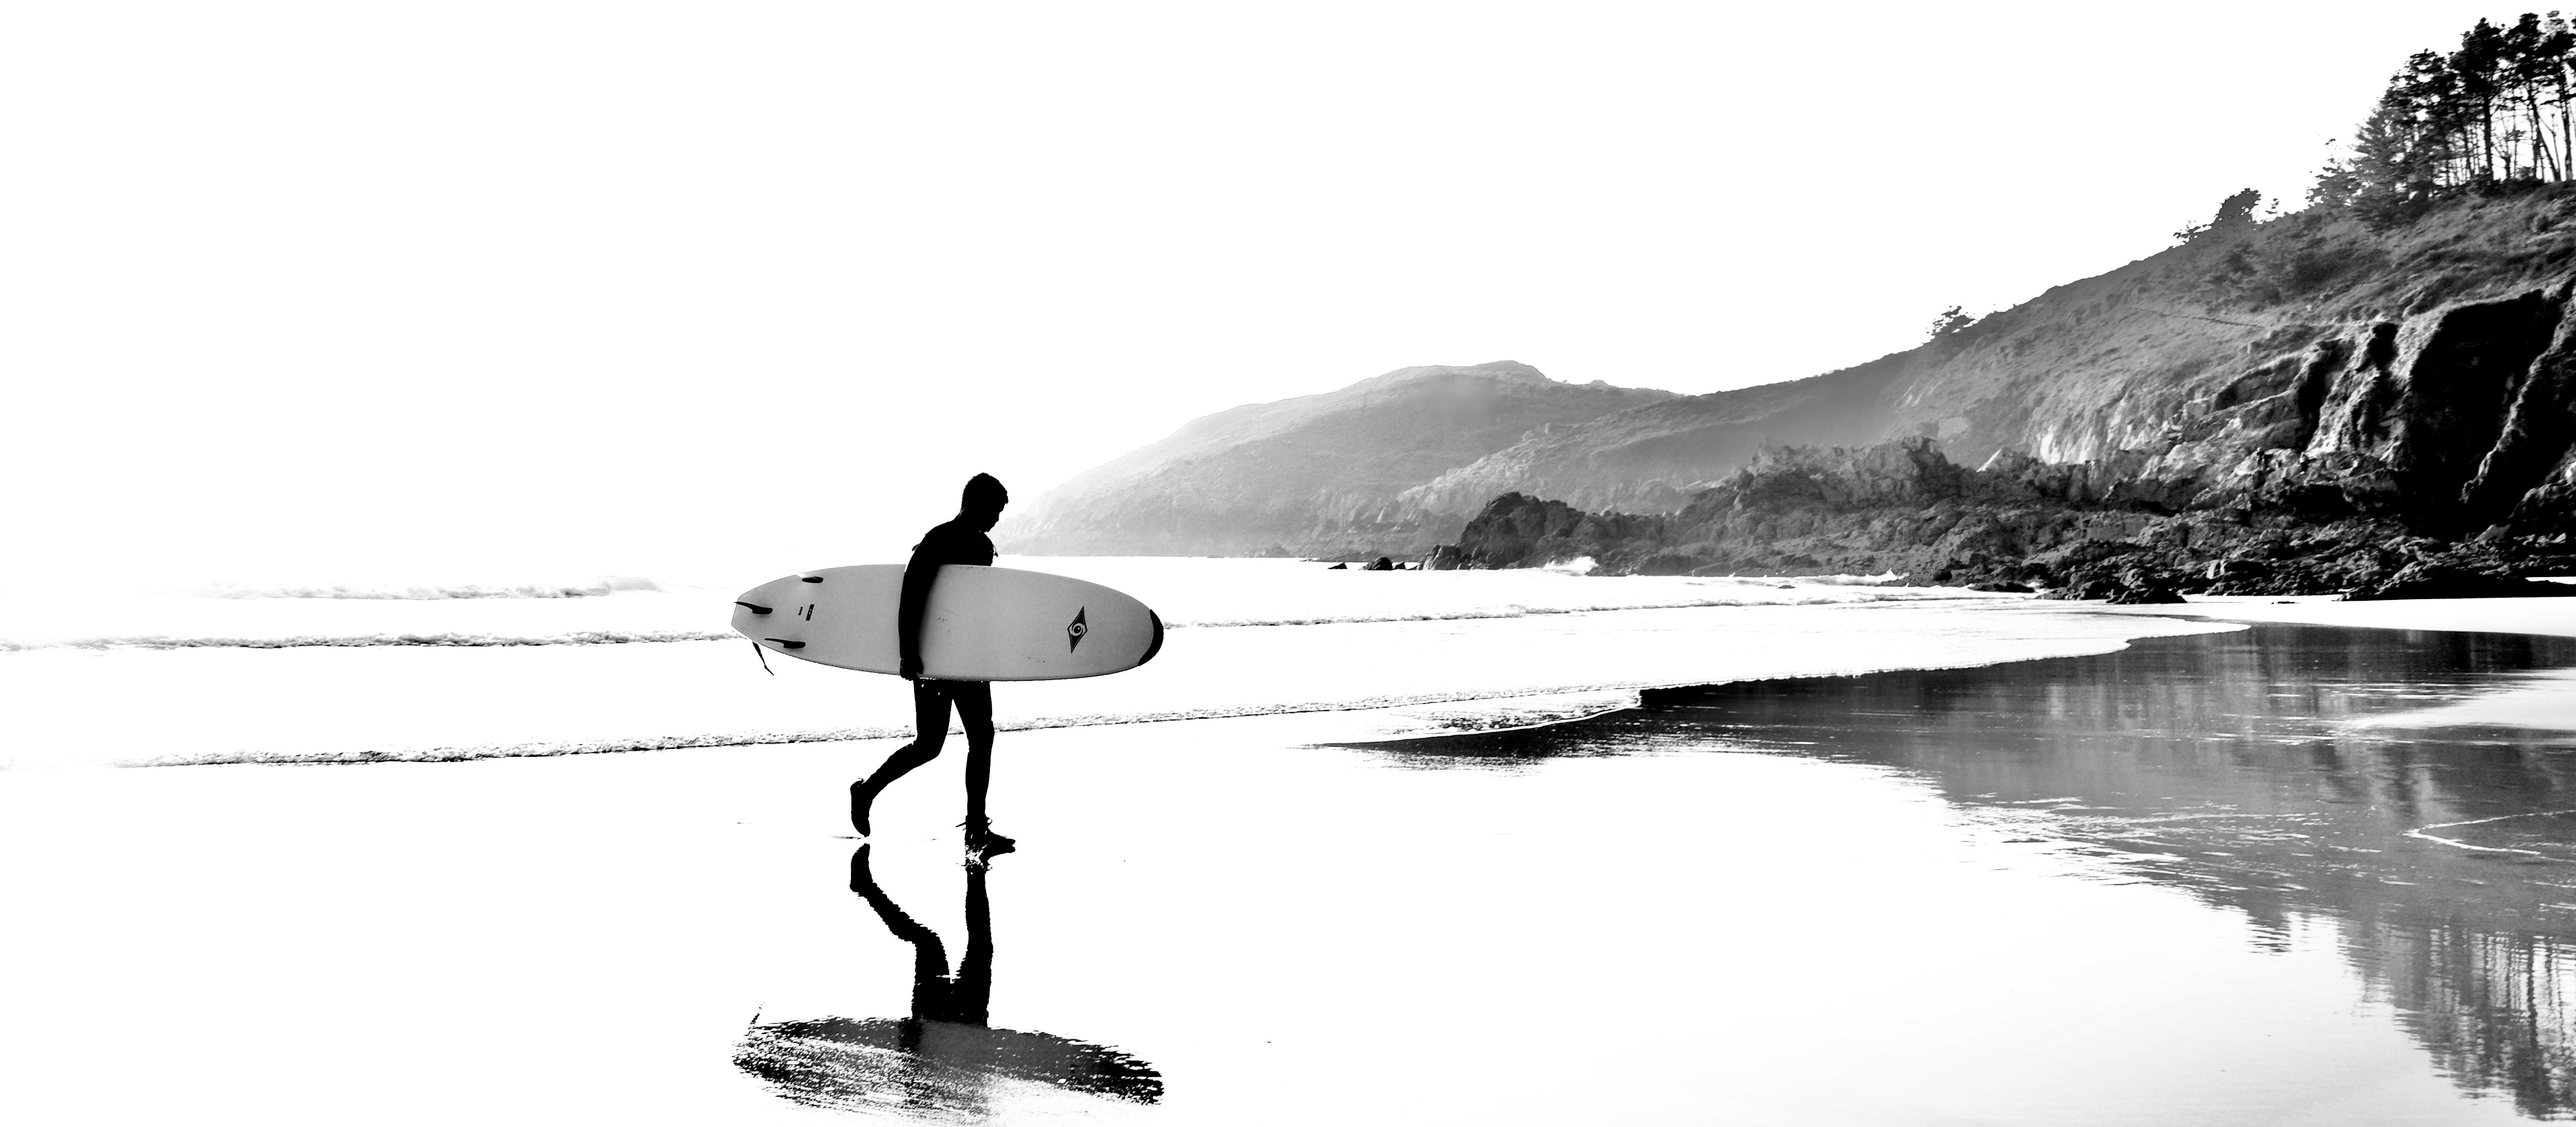 Le surfeur et son reflet